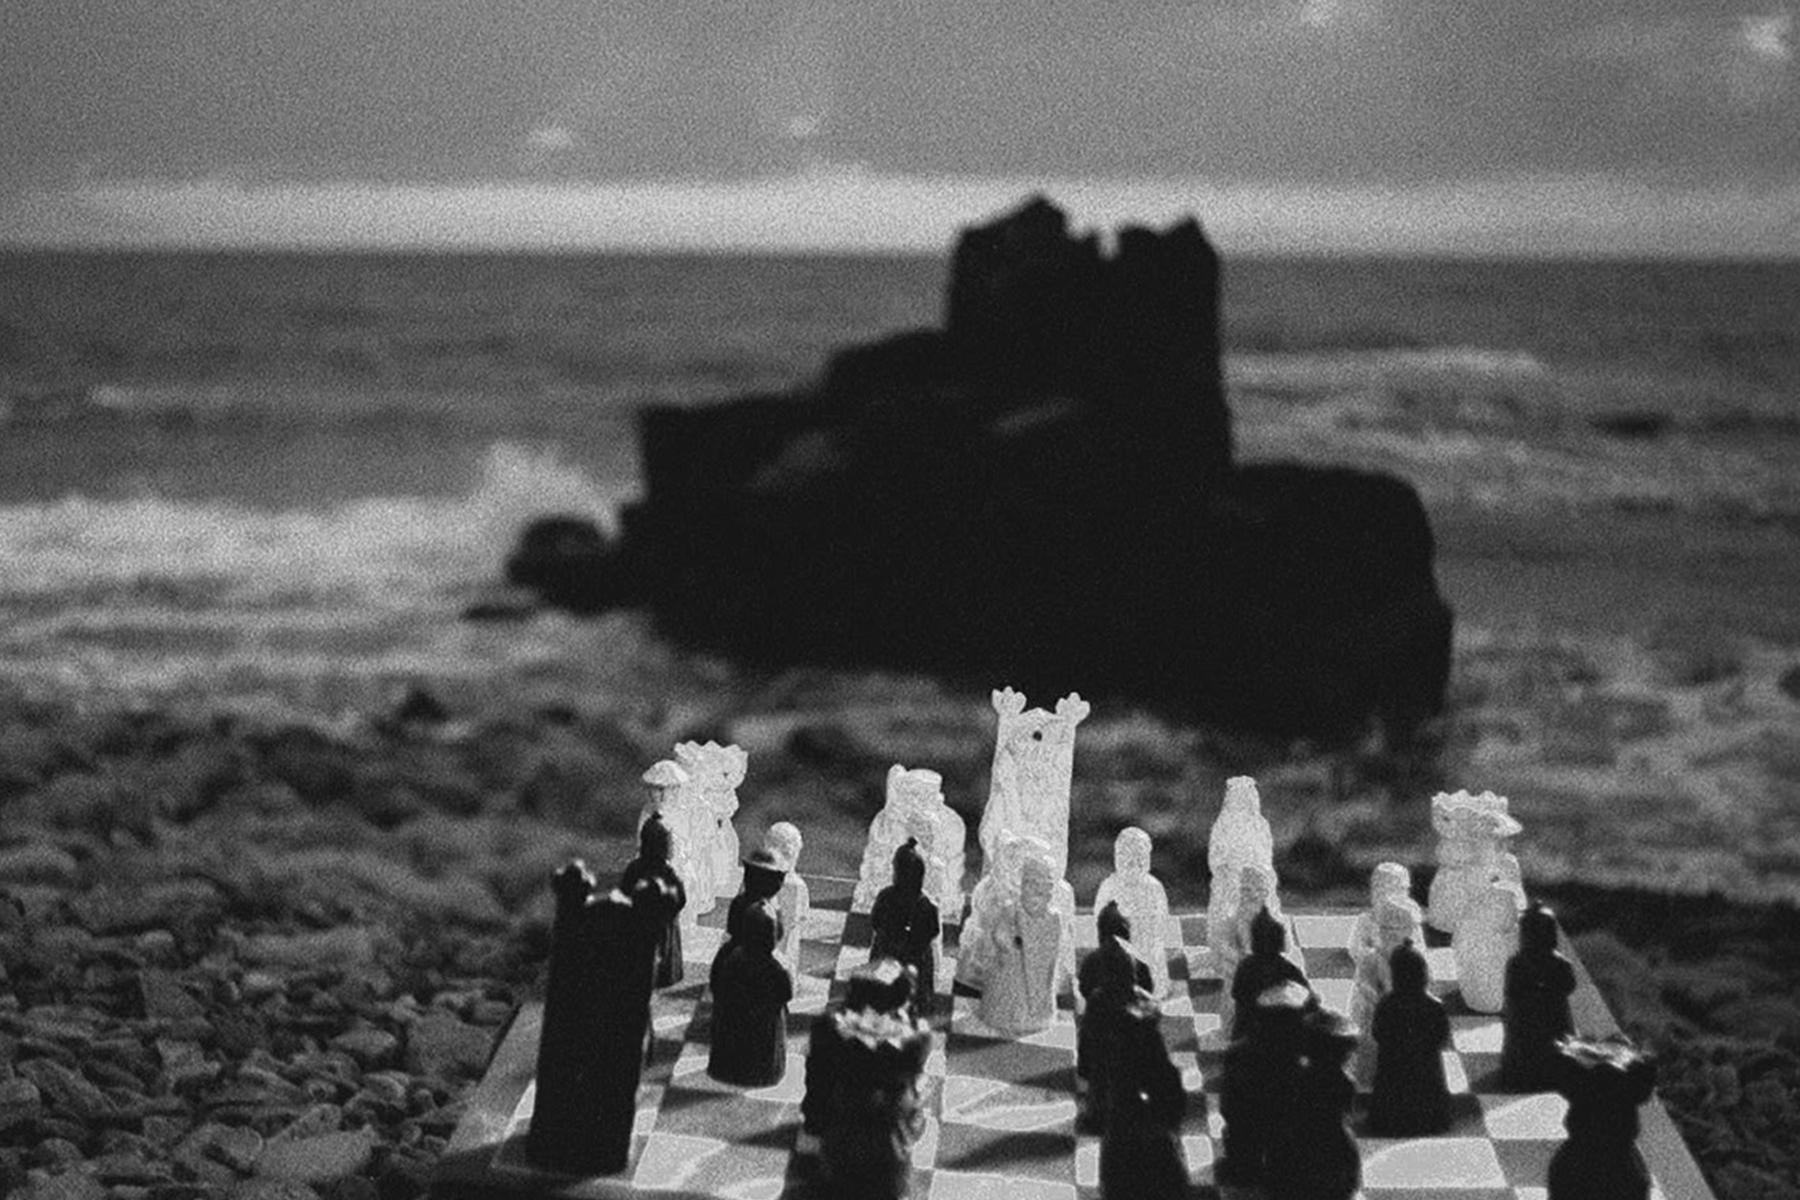 El séptimo sello, dirigida por Ingmar Bergman. Cine y ajedrez.